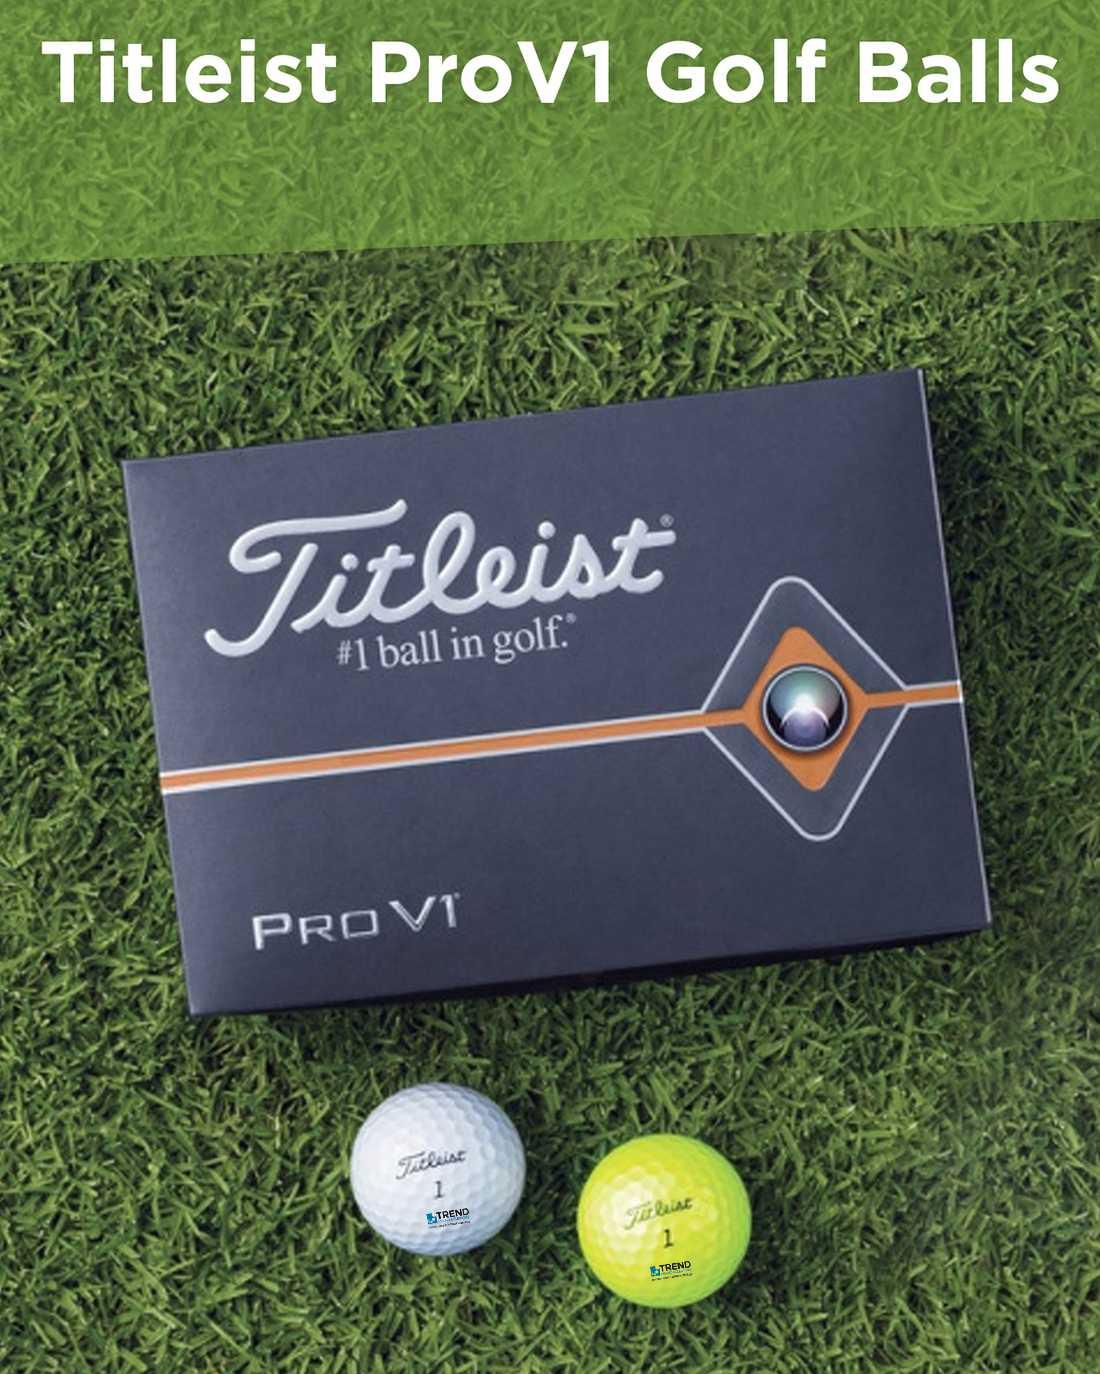 Titleist Golf Balls AIM